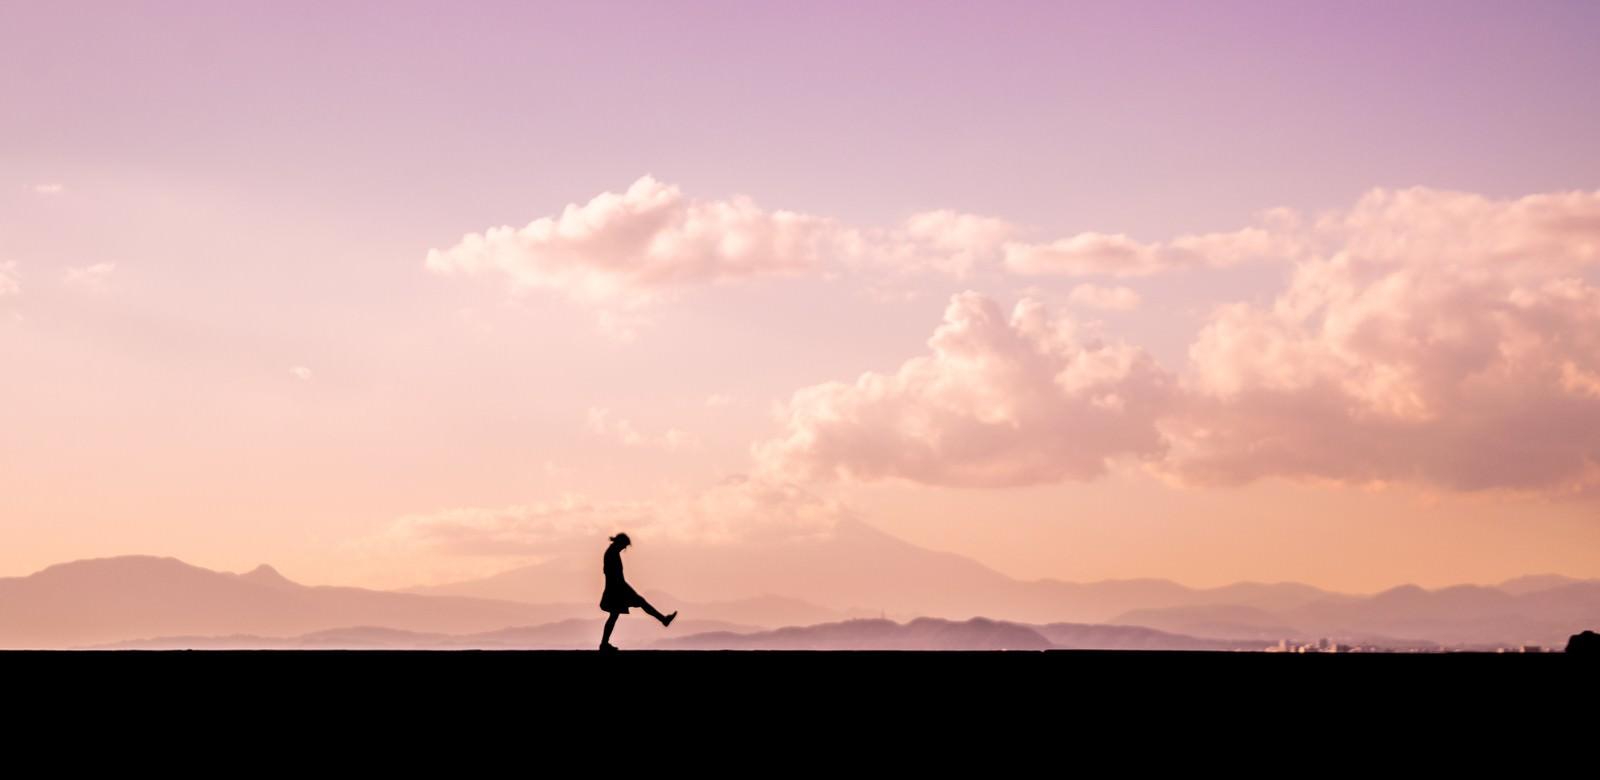 「足を高く上げて散歩する女性のシルエット」の写真